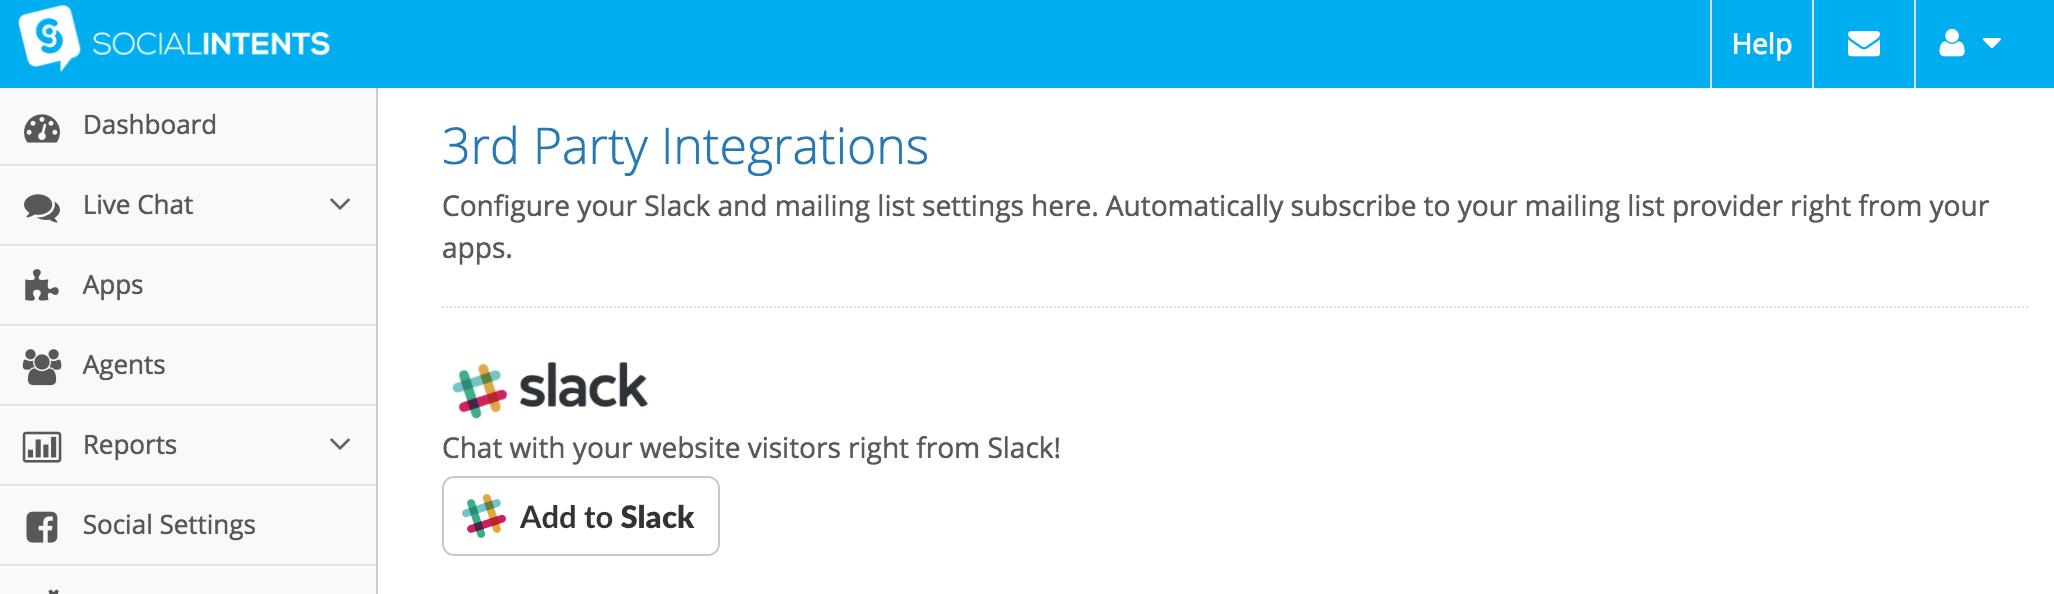 Slack Integration Set Up - Social Intents Knowledge Base